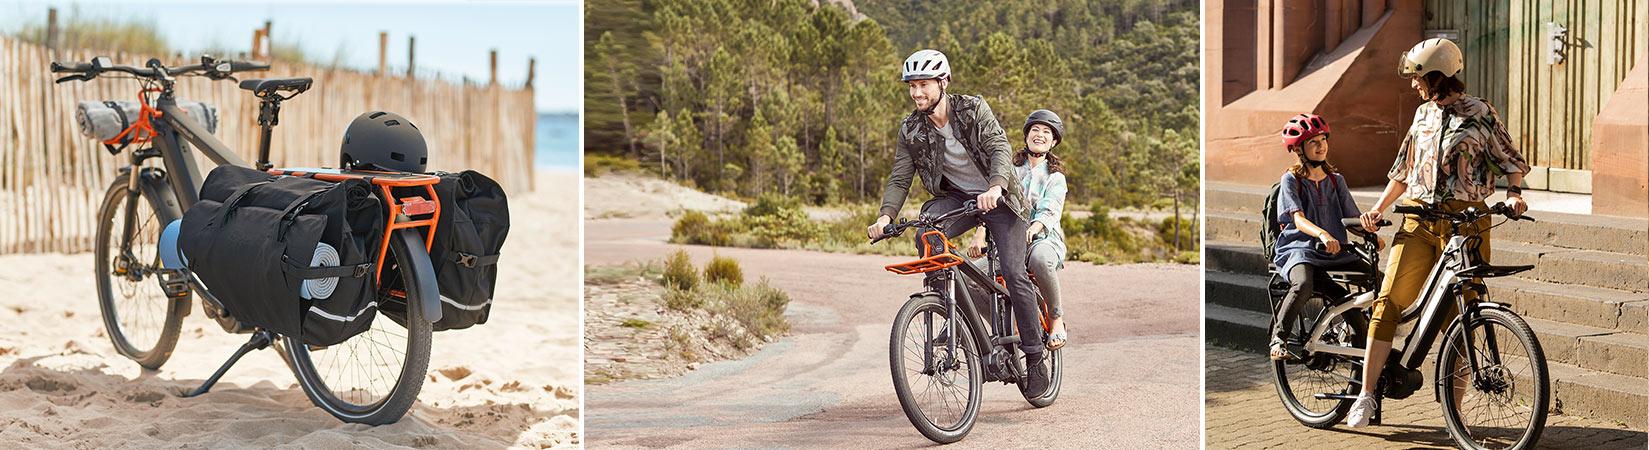 Das Multicharger – Backpacking mit dem E-Bike – Riese & Müller kreuzt die Charger-Baureihe mit dem Lastenrad-Gen